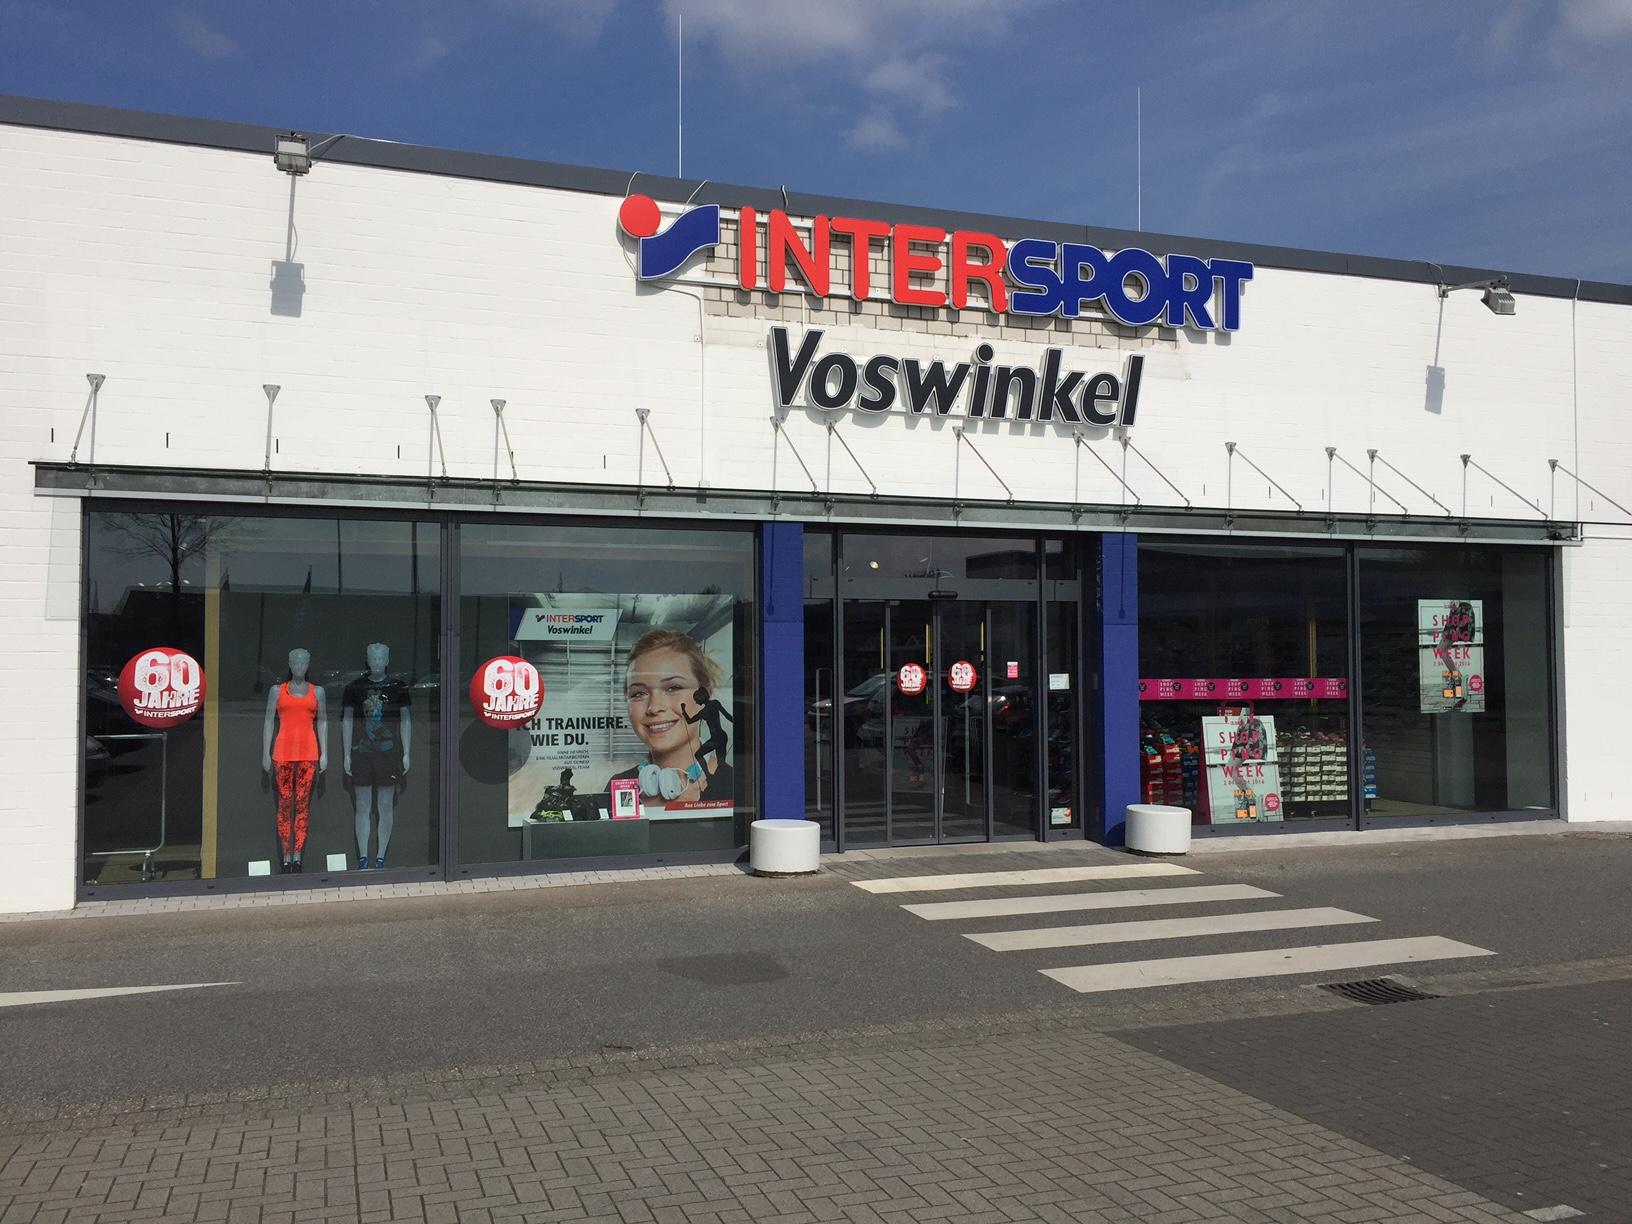 Intersport Voswinkel Prospekt : intersport voswinkel sport und freizeit artikel und kleidung kleinhandel m nster infobel ~ Markanthonyermac.com Haus und Dekorationen